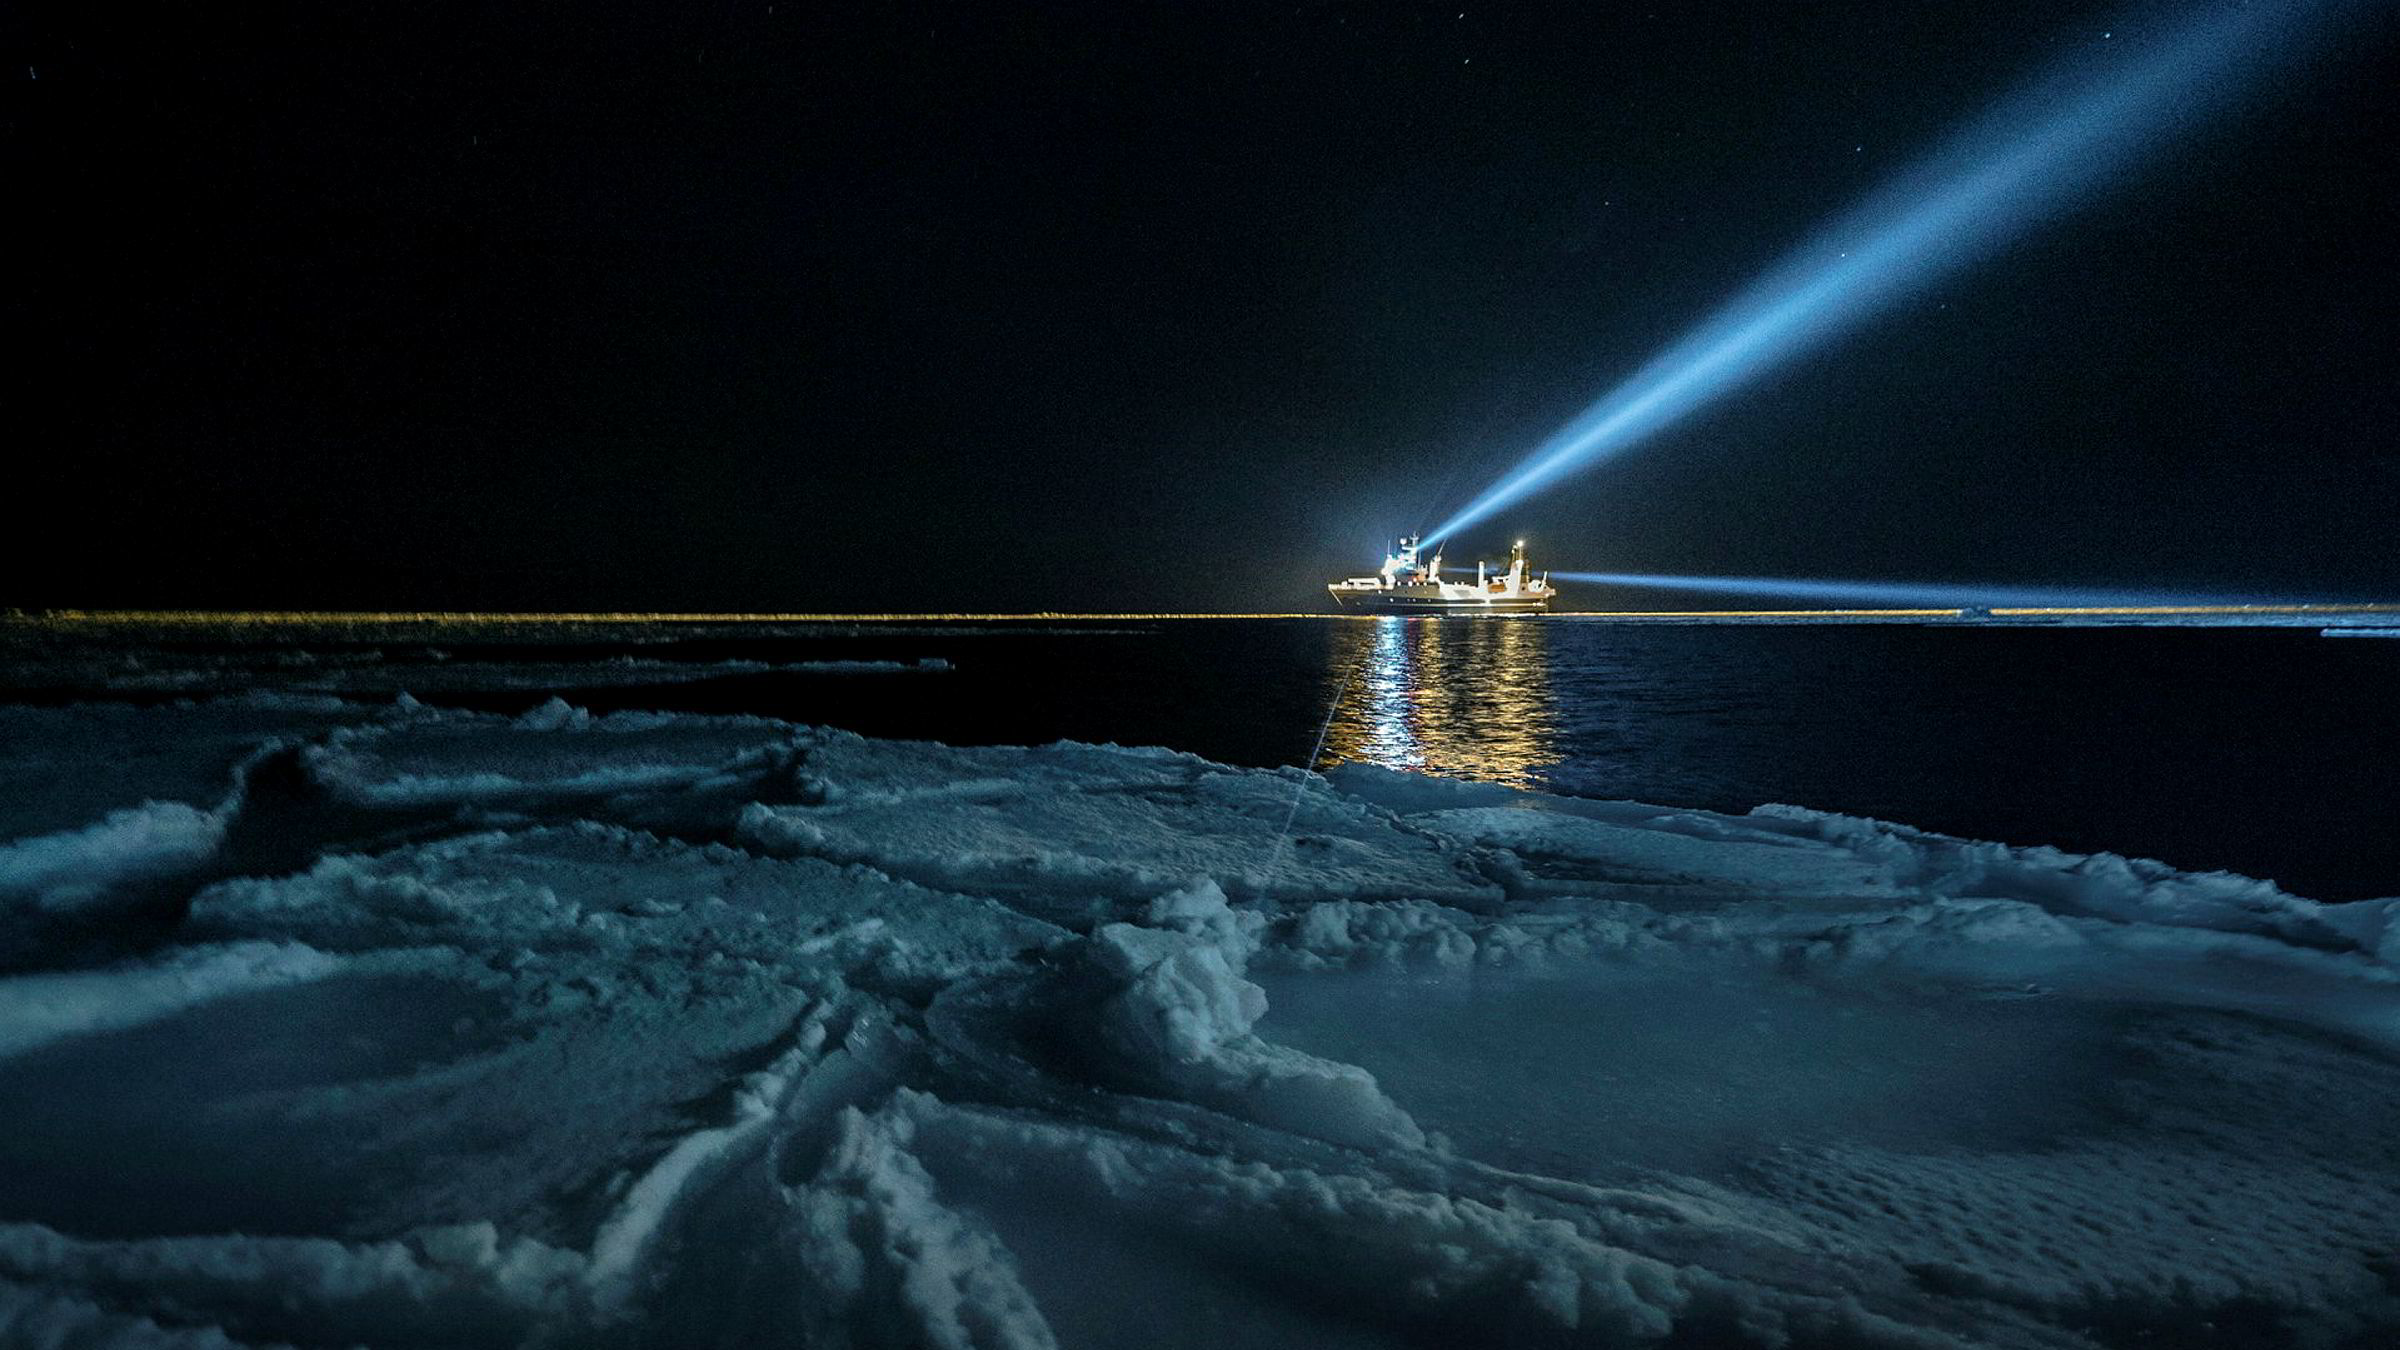 I den mørkeste tiden av polarnatten er det månen som lyser sterkest, noe som gjør at stort sett hele samfunnet av plankton og fisk skifter til en månestyrt døgnrytme og migrasjonsmønster, skriver Jørgen Berge. Her er forskningsskipet «Helmer Hanssen» på forskningstokt.